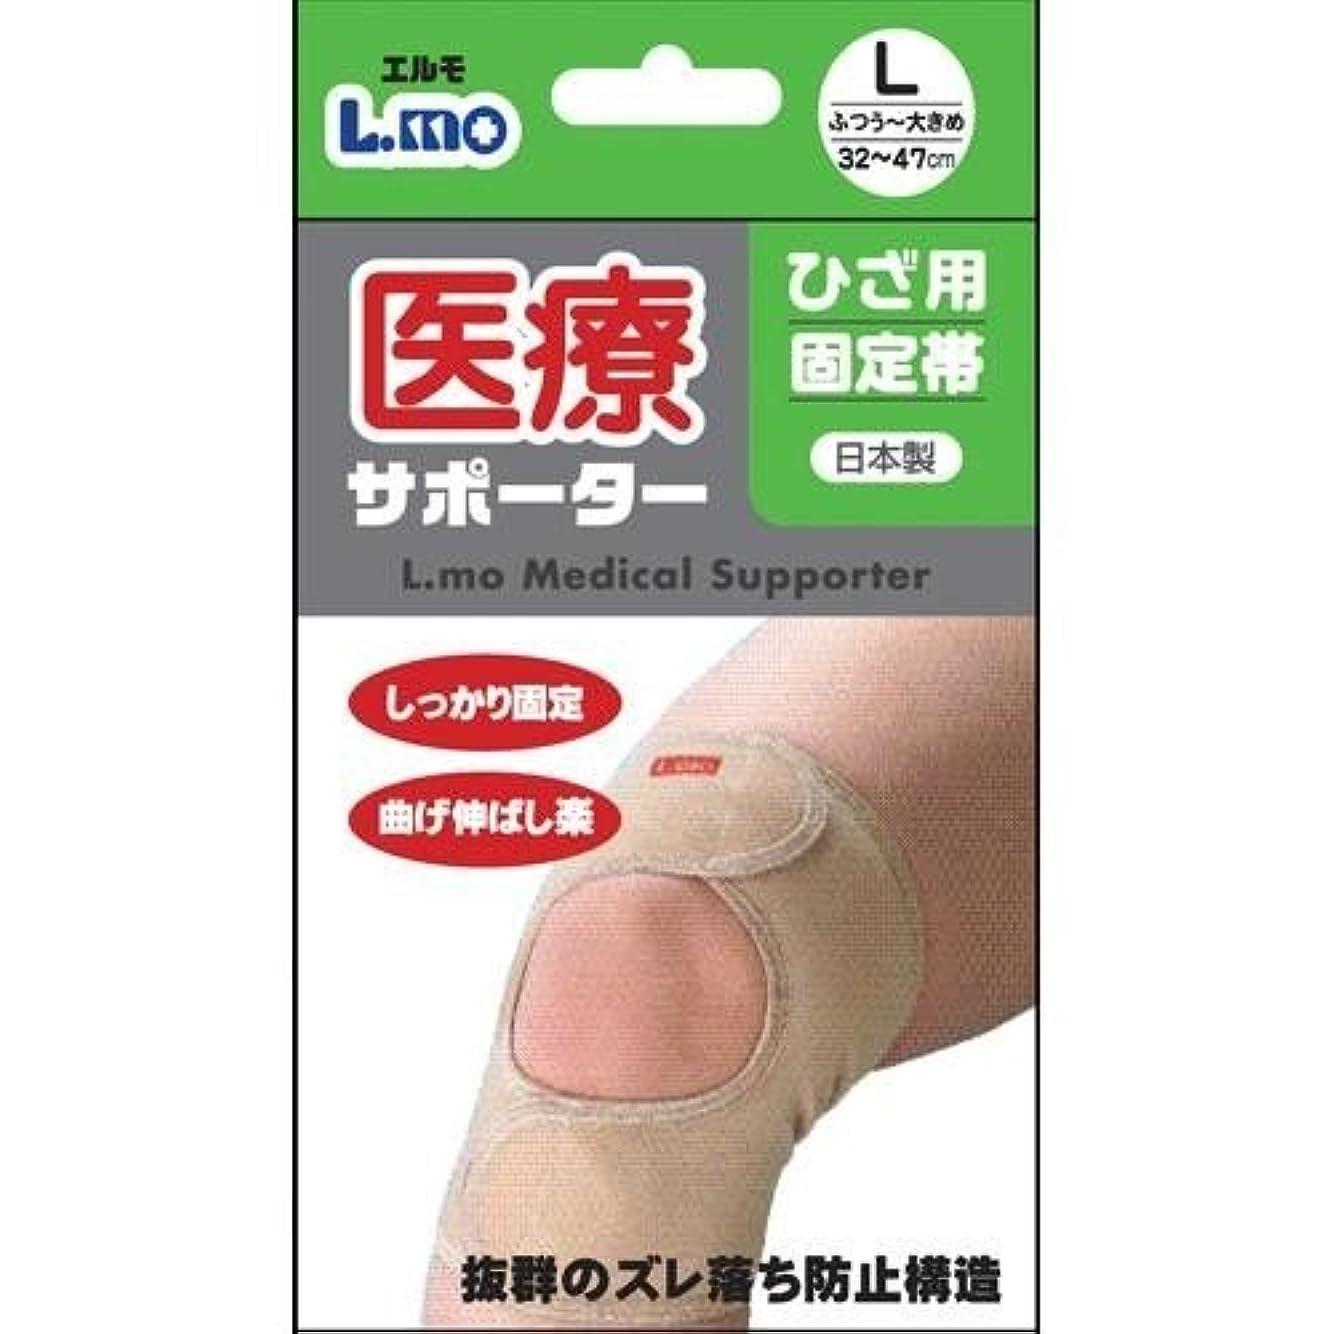 専門知識中指紋エルモ医療サポーター ひざ用固定帯 ■2種類の内「Lサイズ?786422」を1点のみです